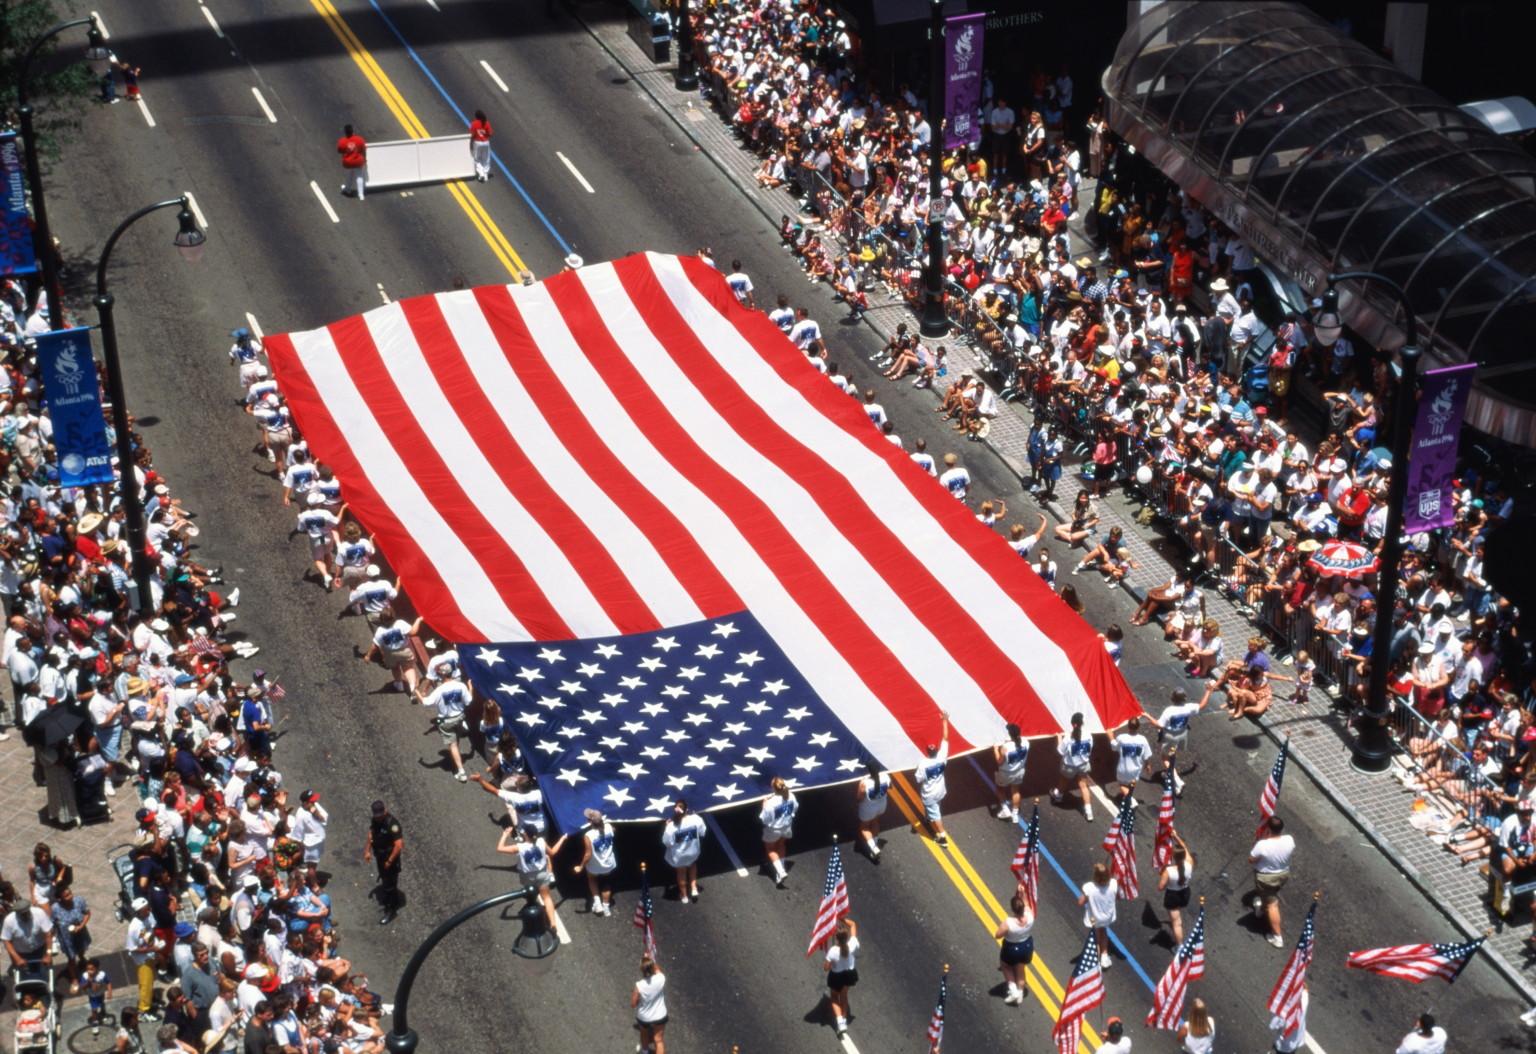 День независимости сша: история и традиции, интересные факты, «президентский мор» 4 июля | новости